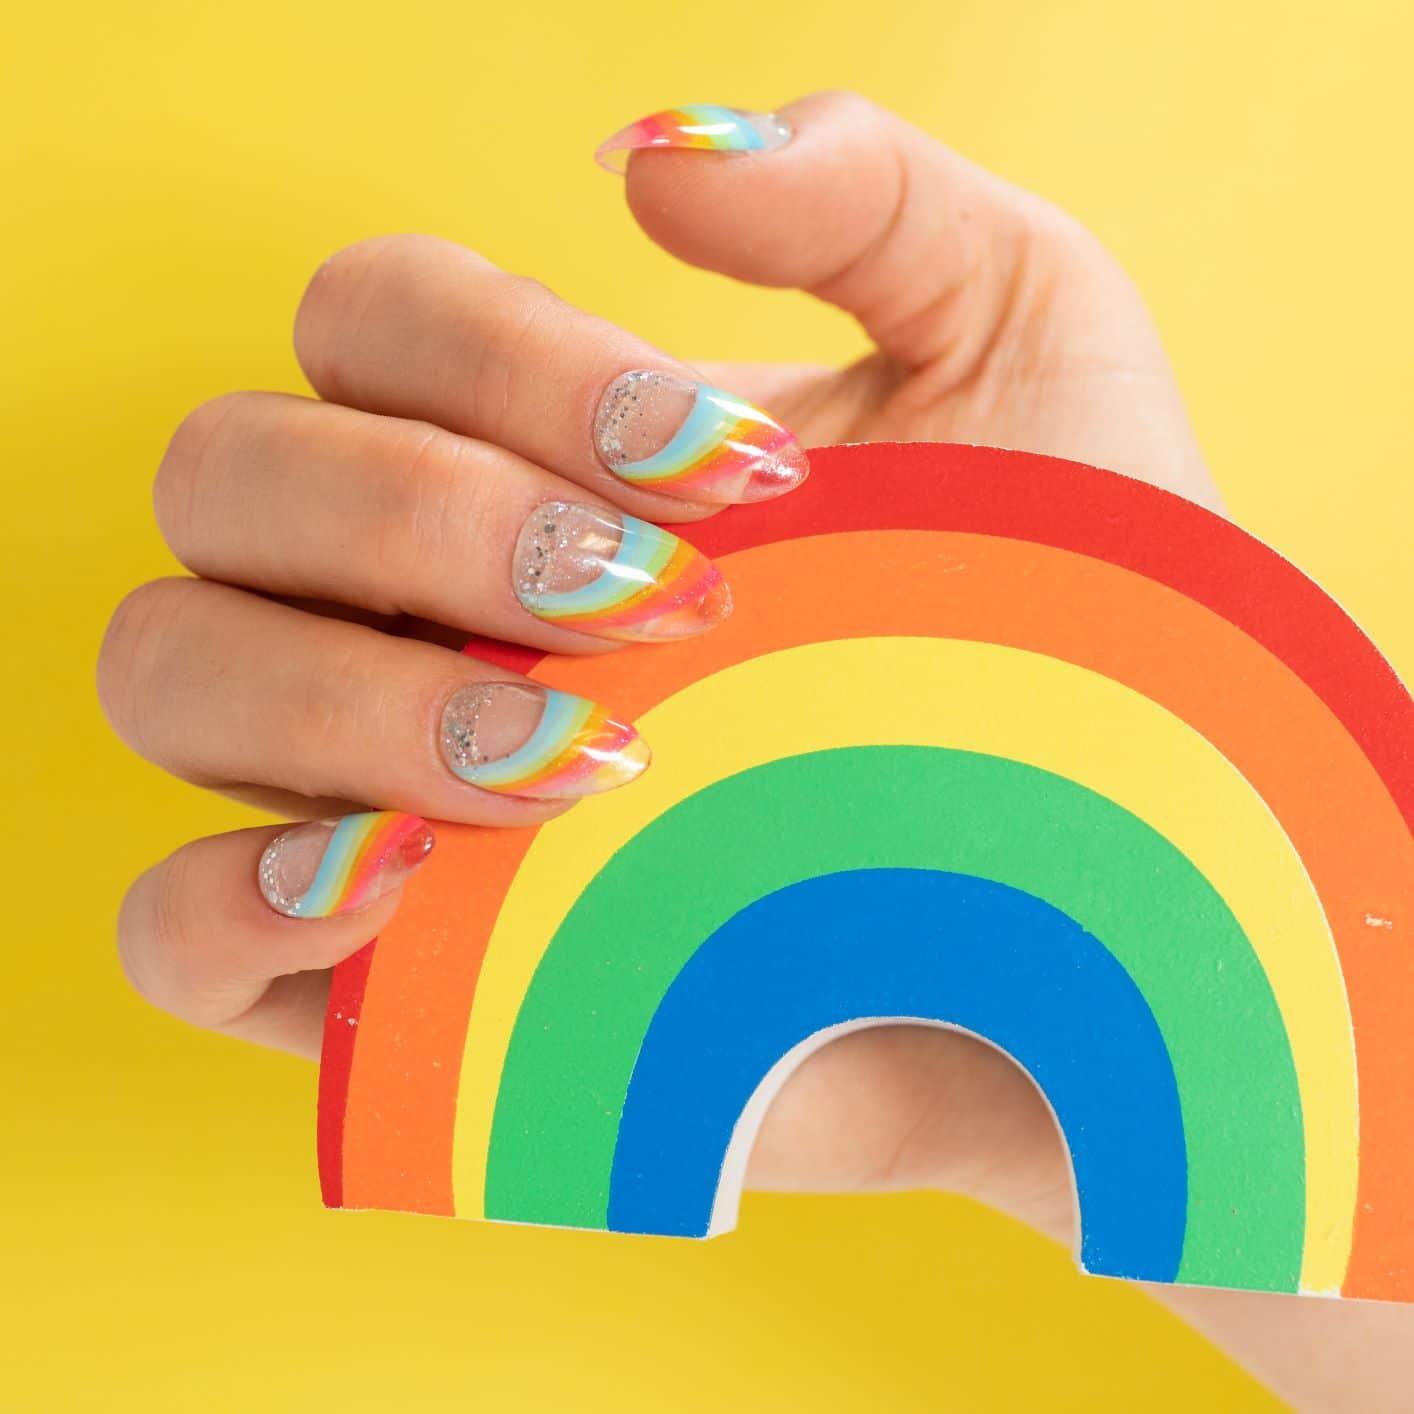 Rainbow-themed art on clear nails